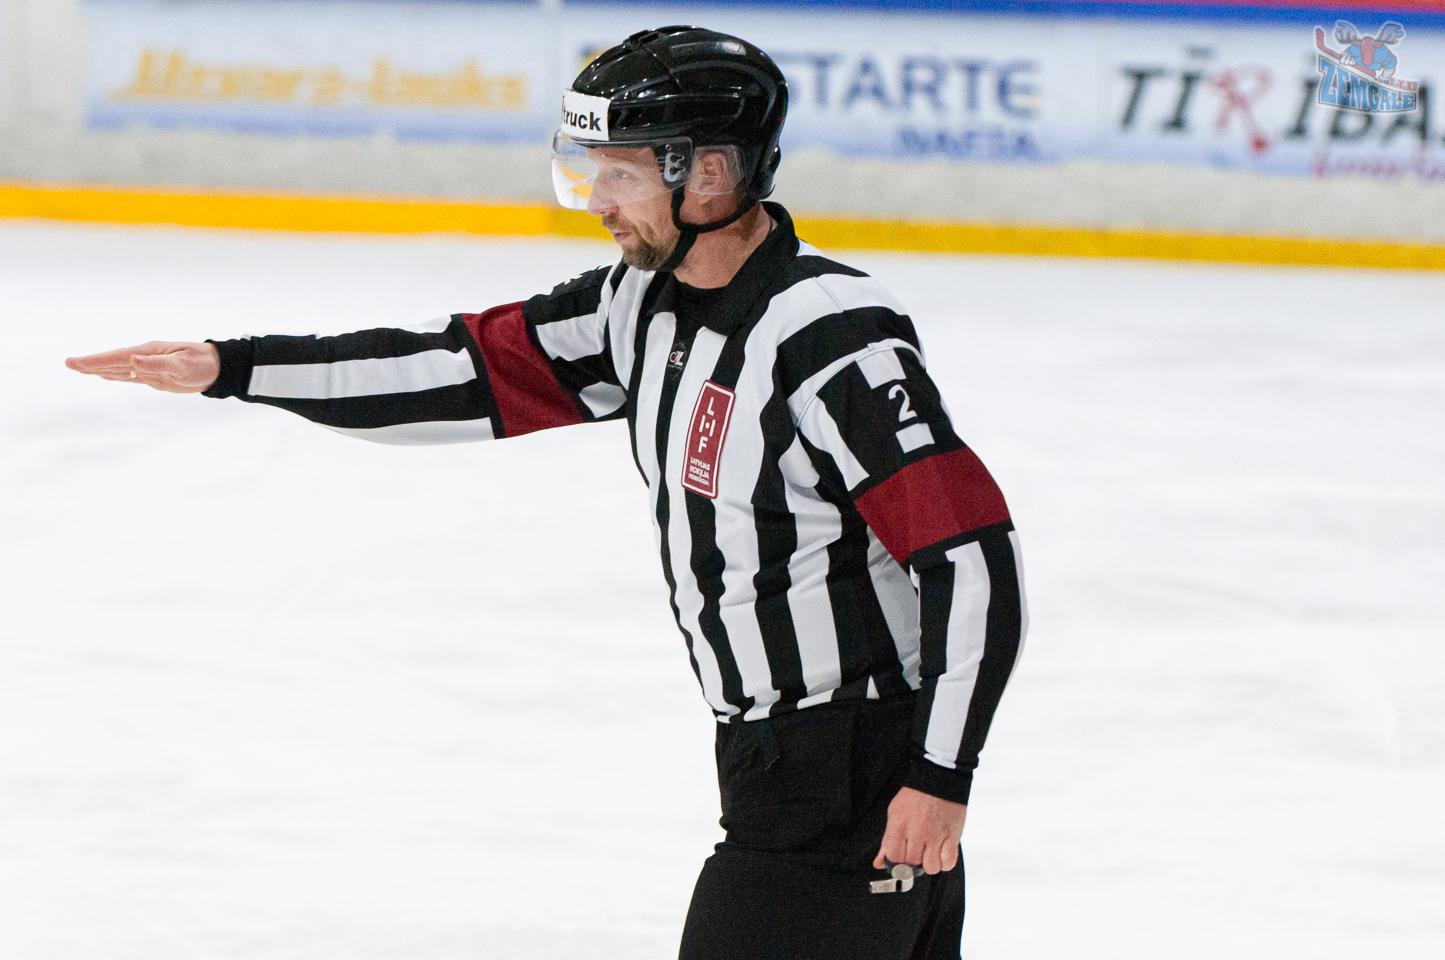 Hokeja tiesnesis norāda ar roku uz laukuma centru